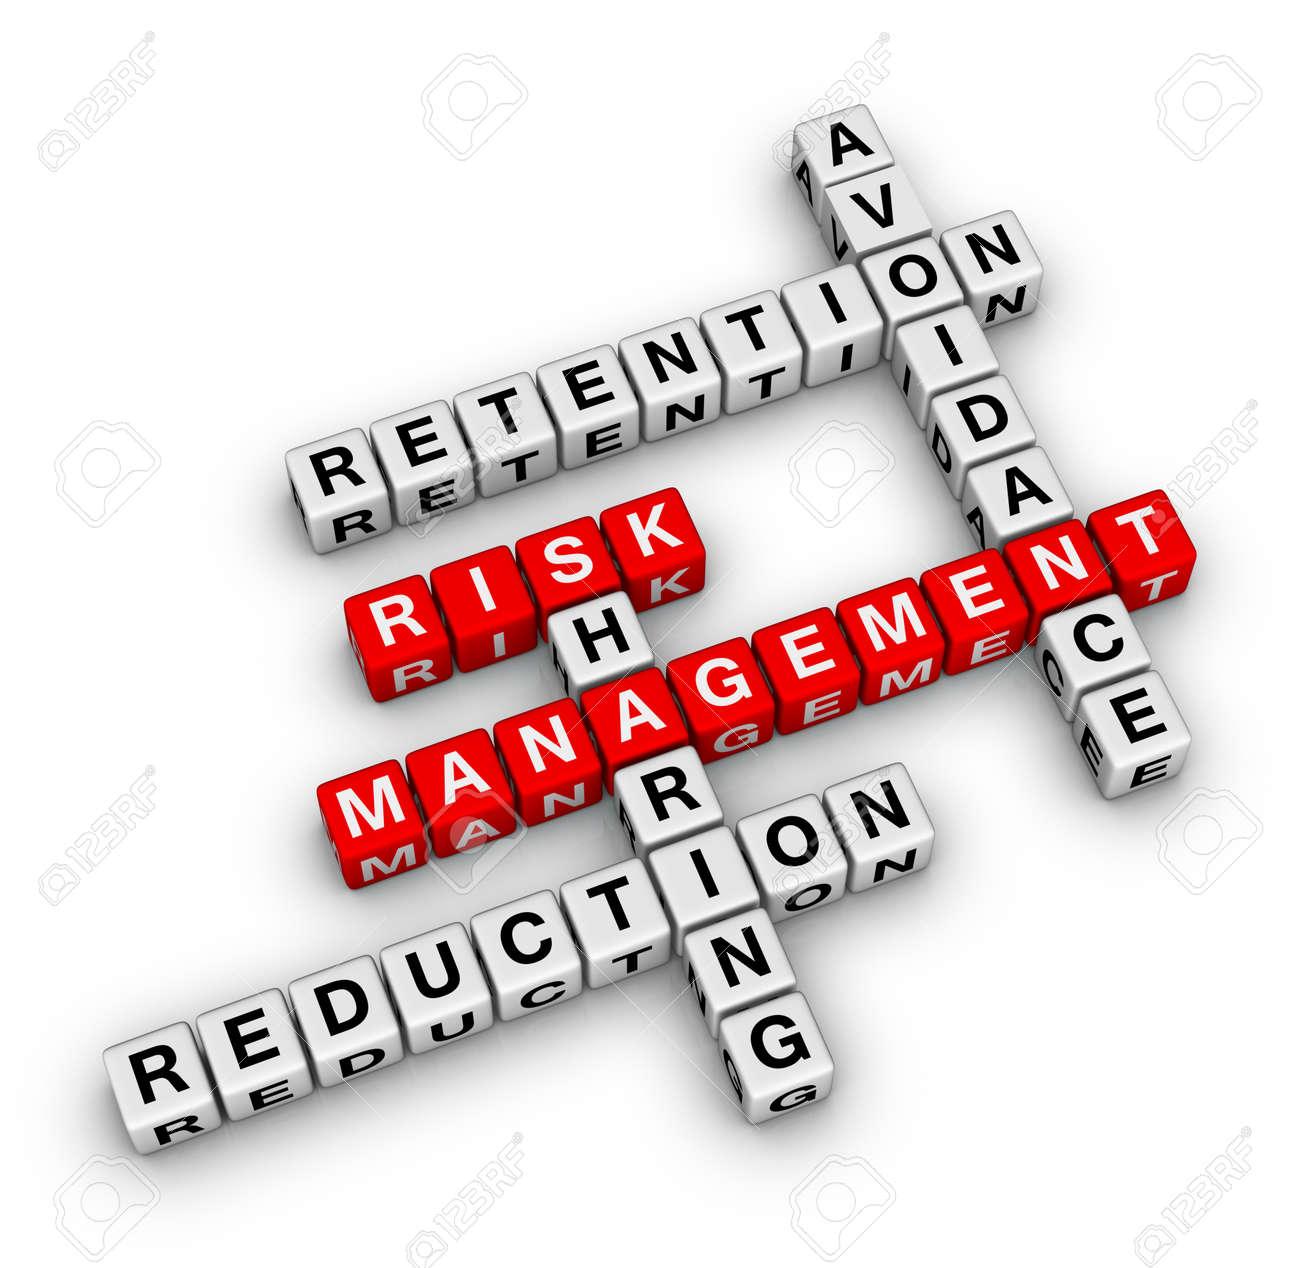 Risikomanagement 3d Kreuzworträtsel Neues Business Konzept